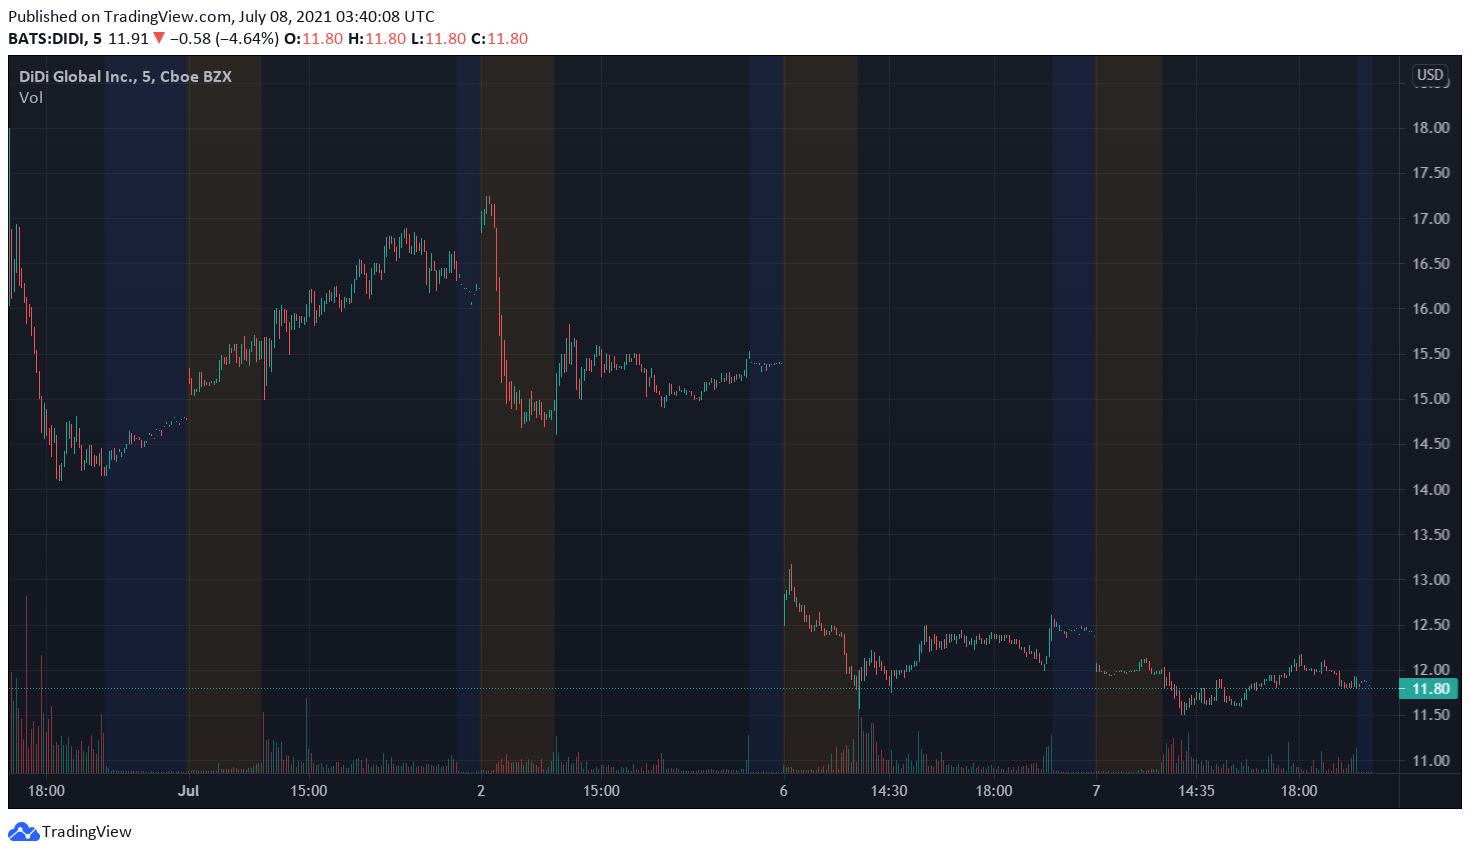 Wall Street Didi